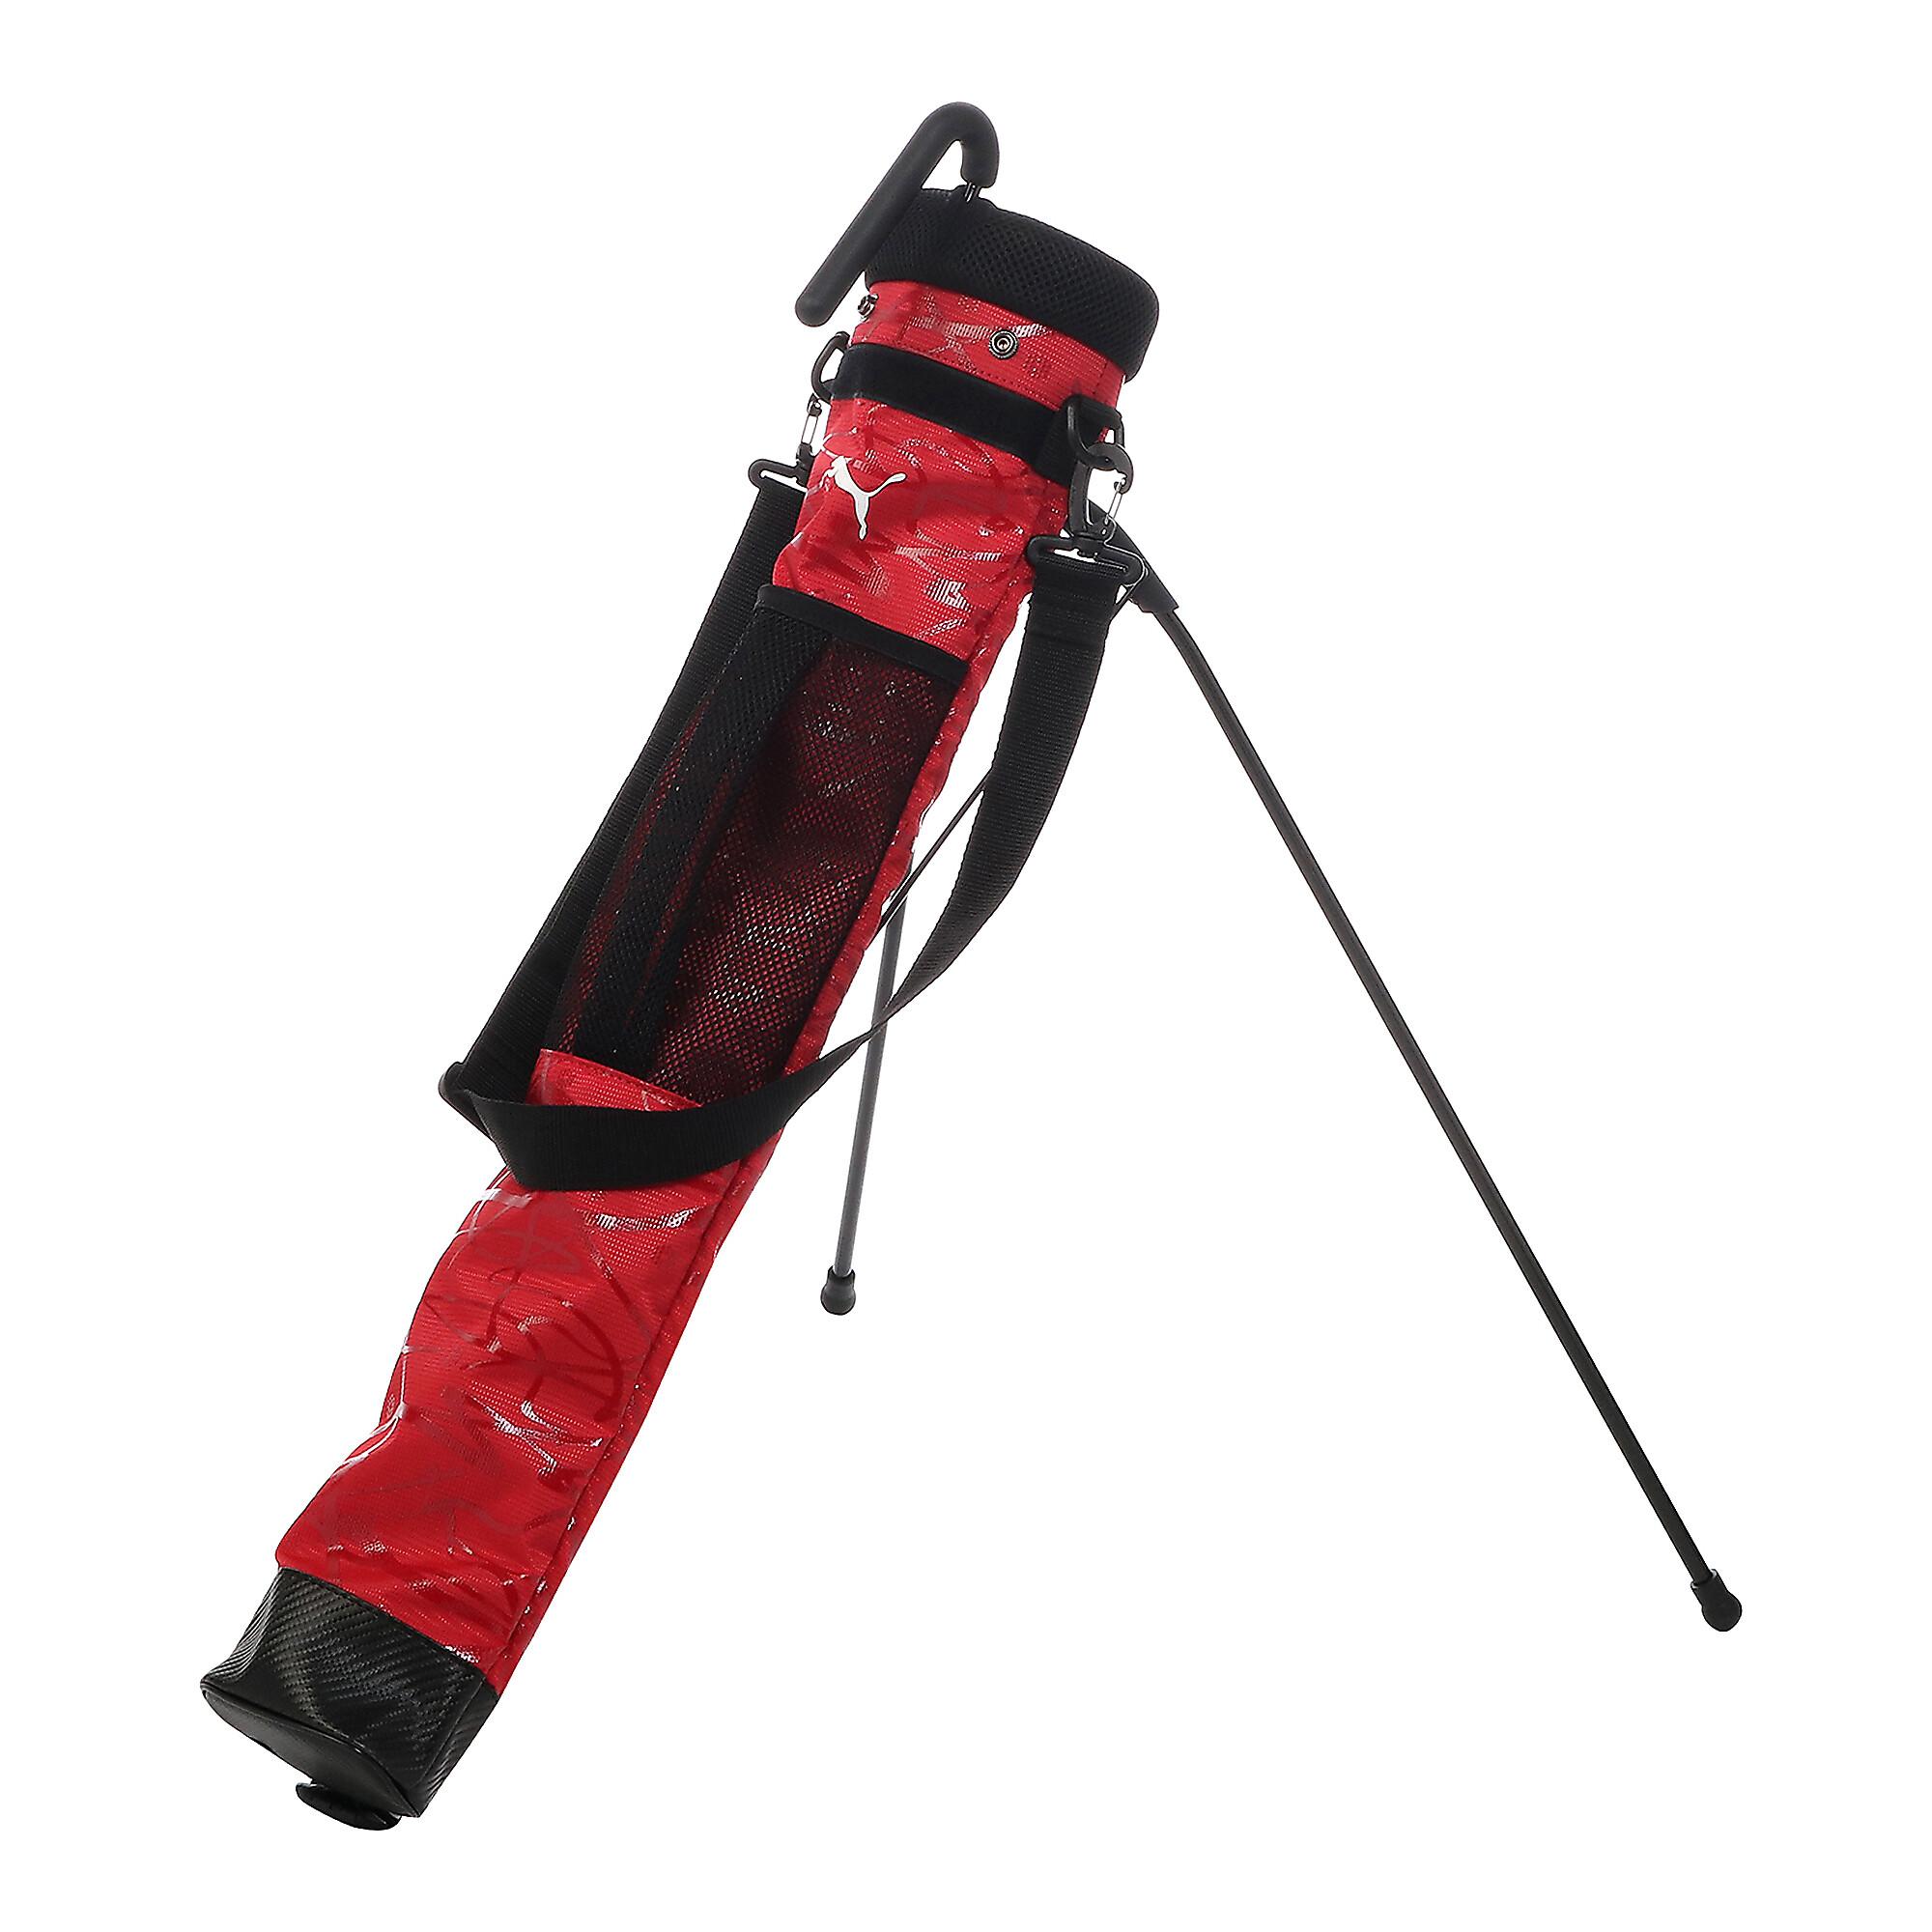 プーマ ゴルフ セルフ スタンド キャリーバッグ メンズ high risk red |PUMA.com